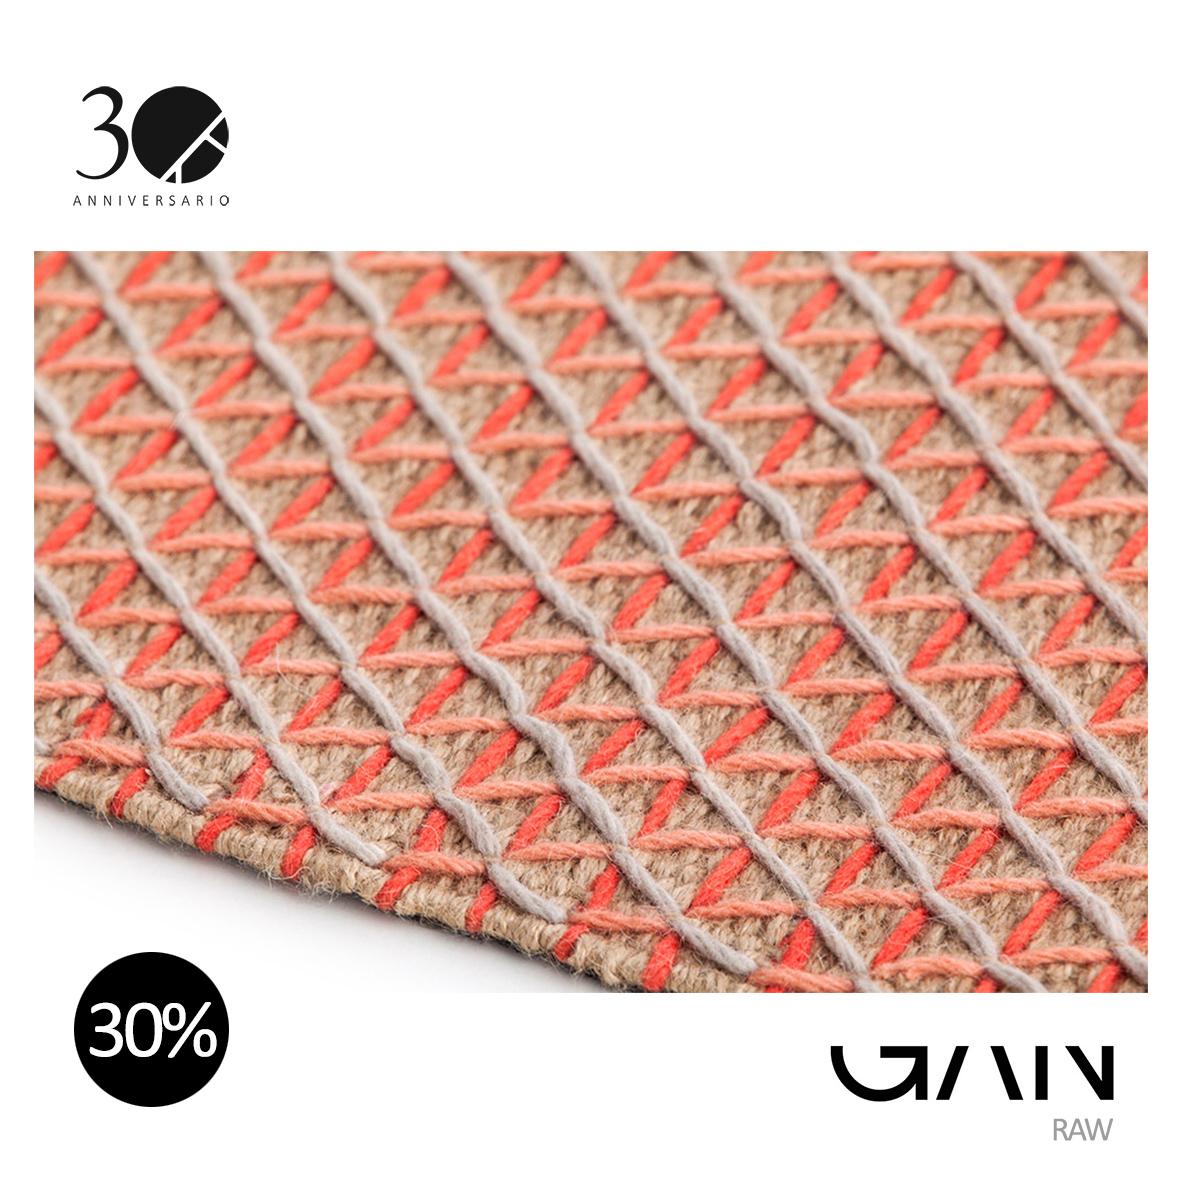 GAN - RAW